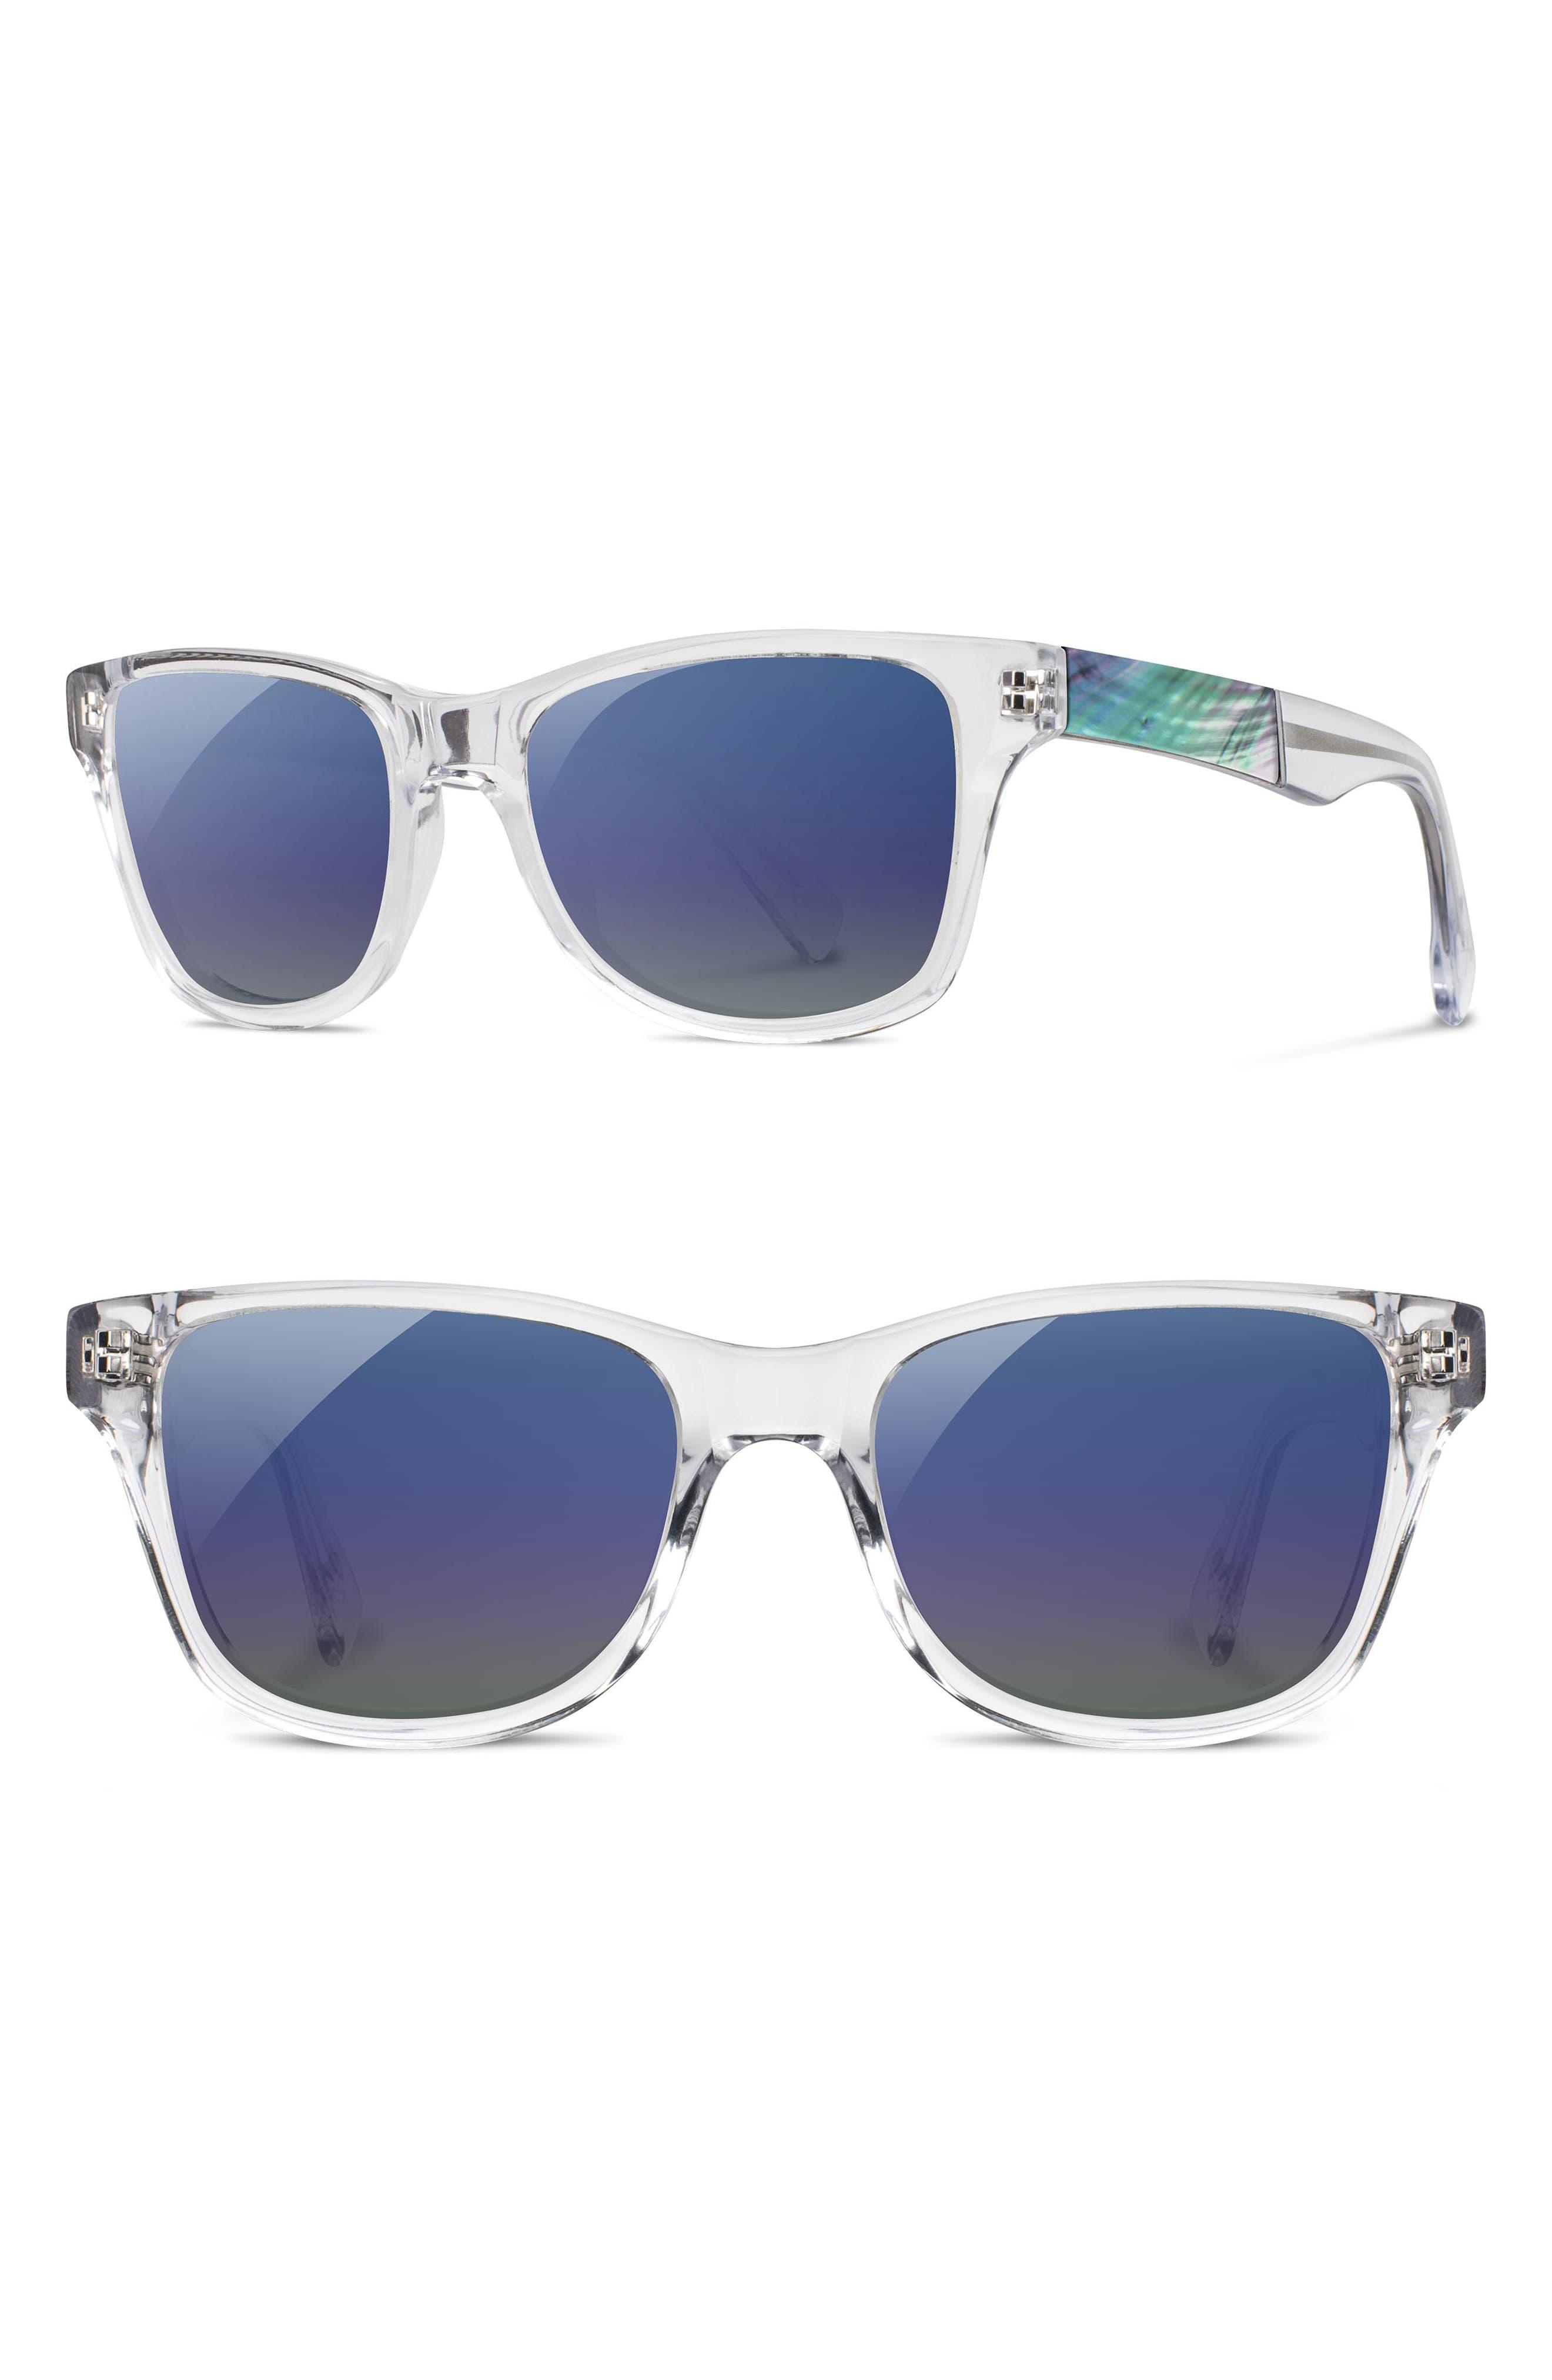 SHWOOD Polarized Wood Inlay Sunglasses - Crystal/ Abalone Shell/ Blue